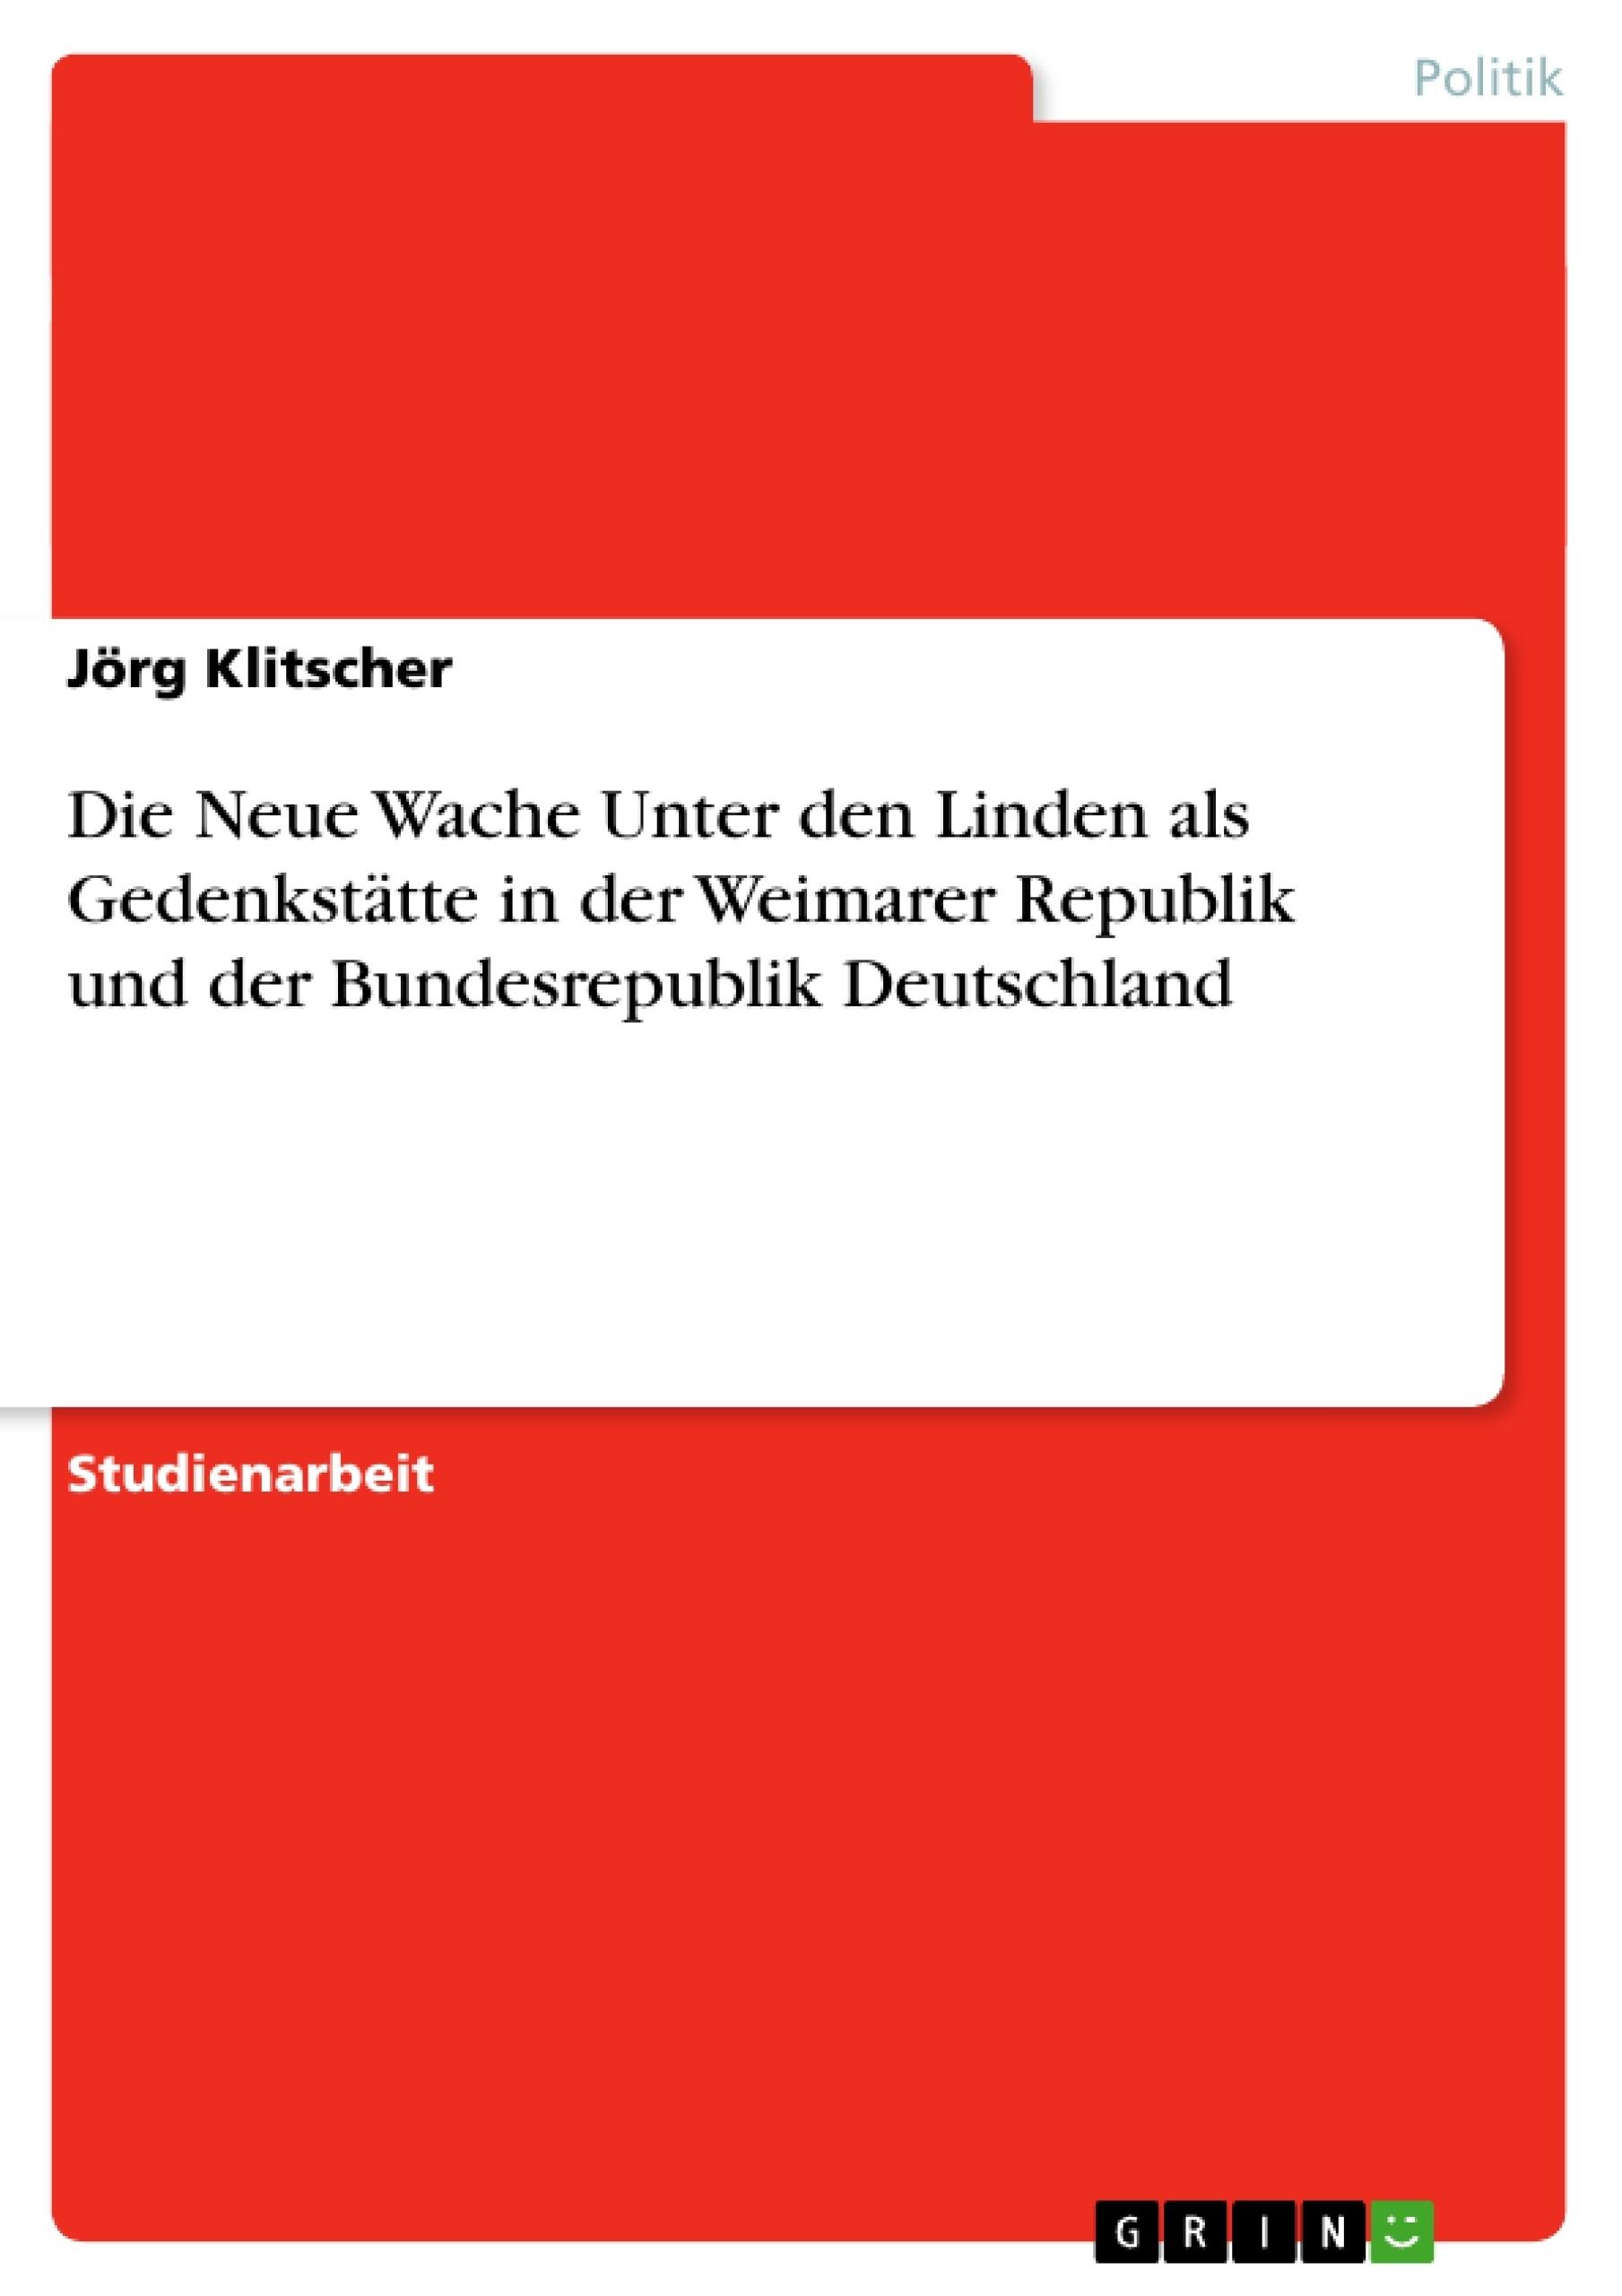 Titel: Die Neue Wache Unter den Linden als Gedenkstätte in der Weimarer Republik und der Bundesrepublik Deutschland